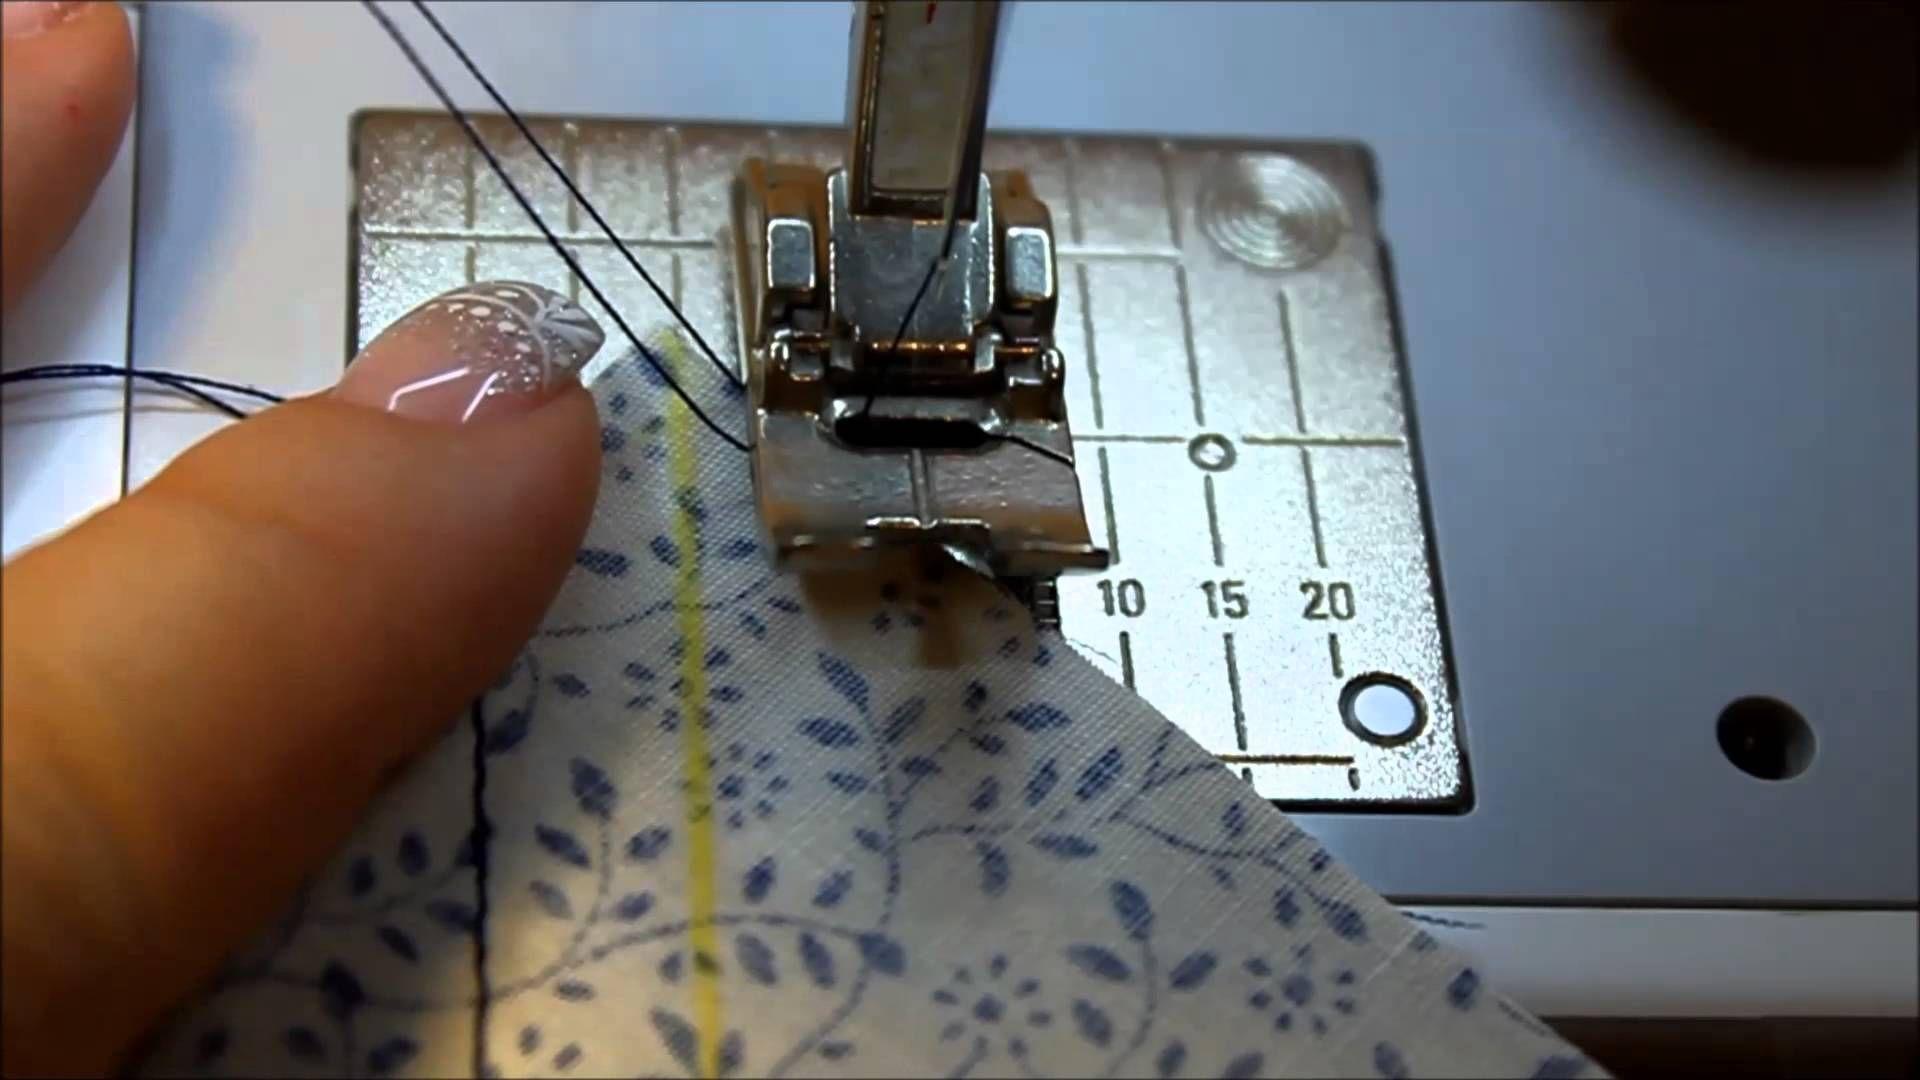 Idee Cucito Per Principianti : Corso di cucito per principianti on line sewing ideas pinterest